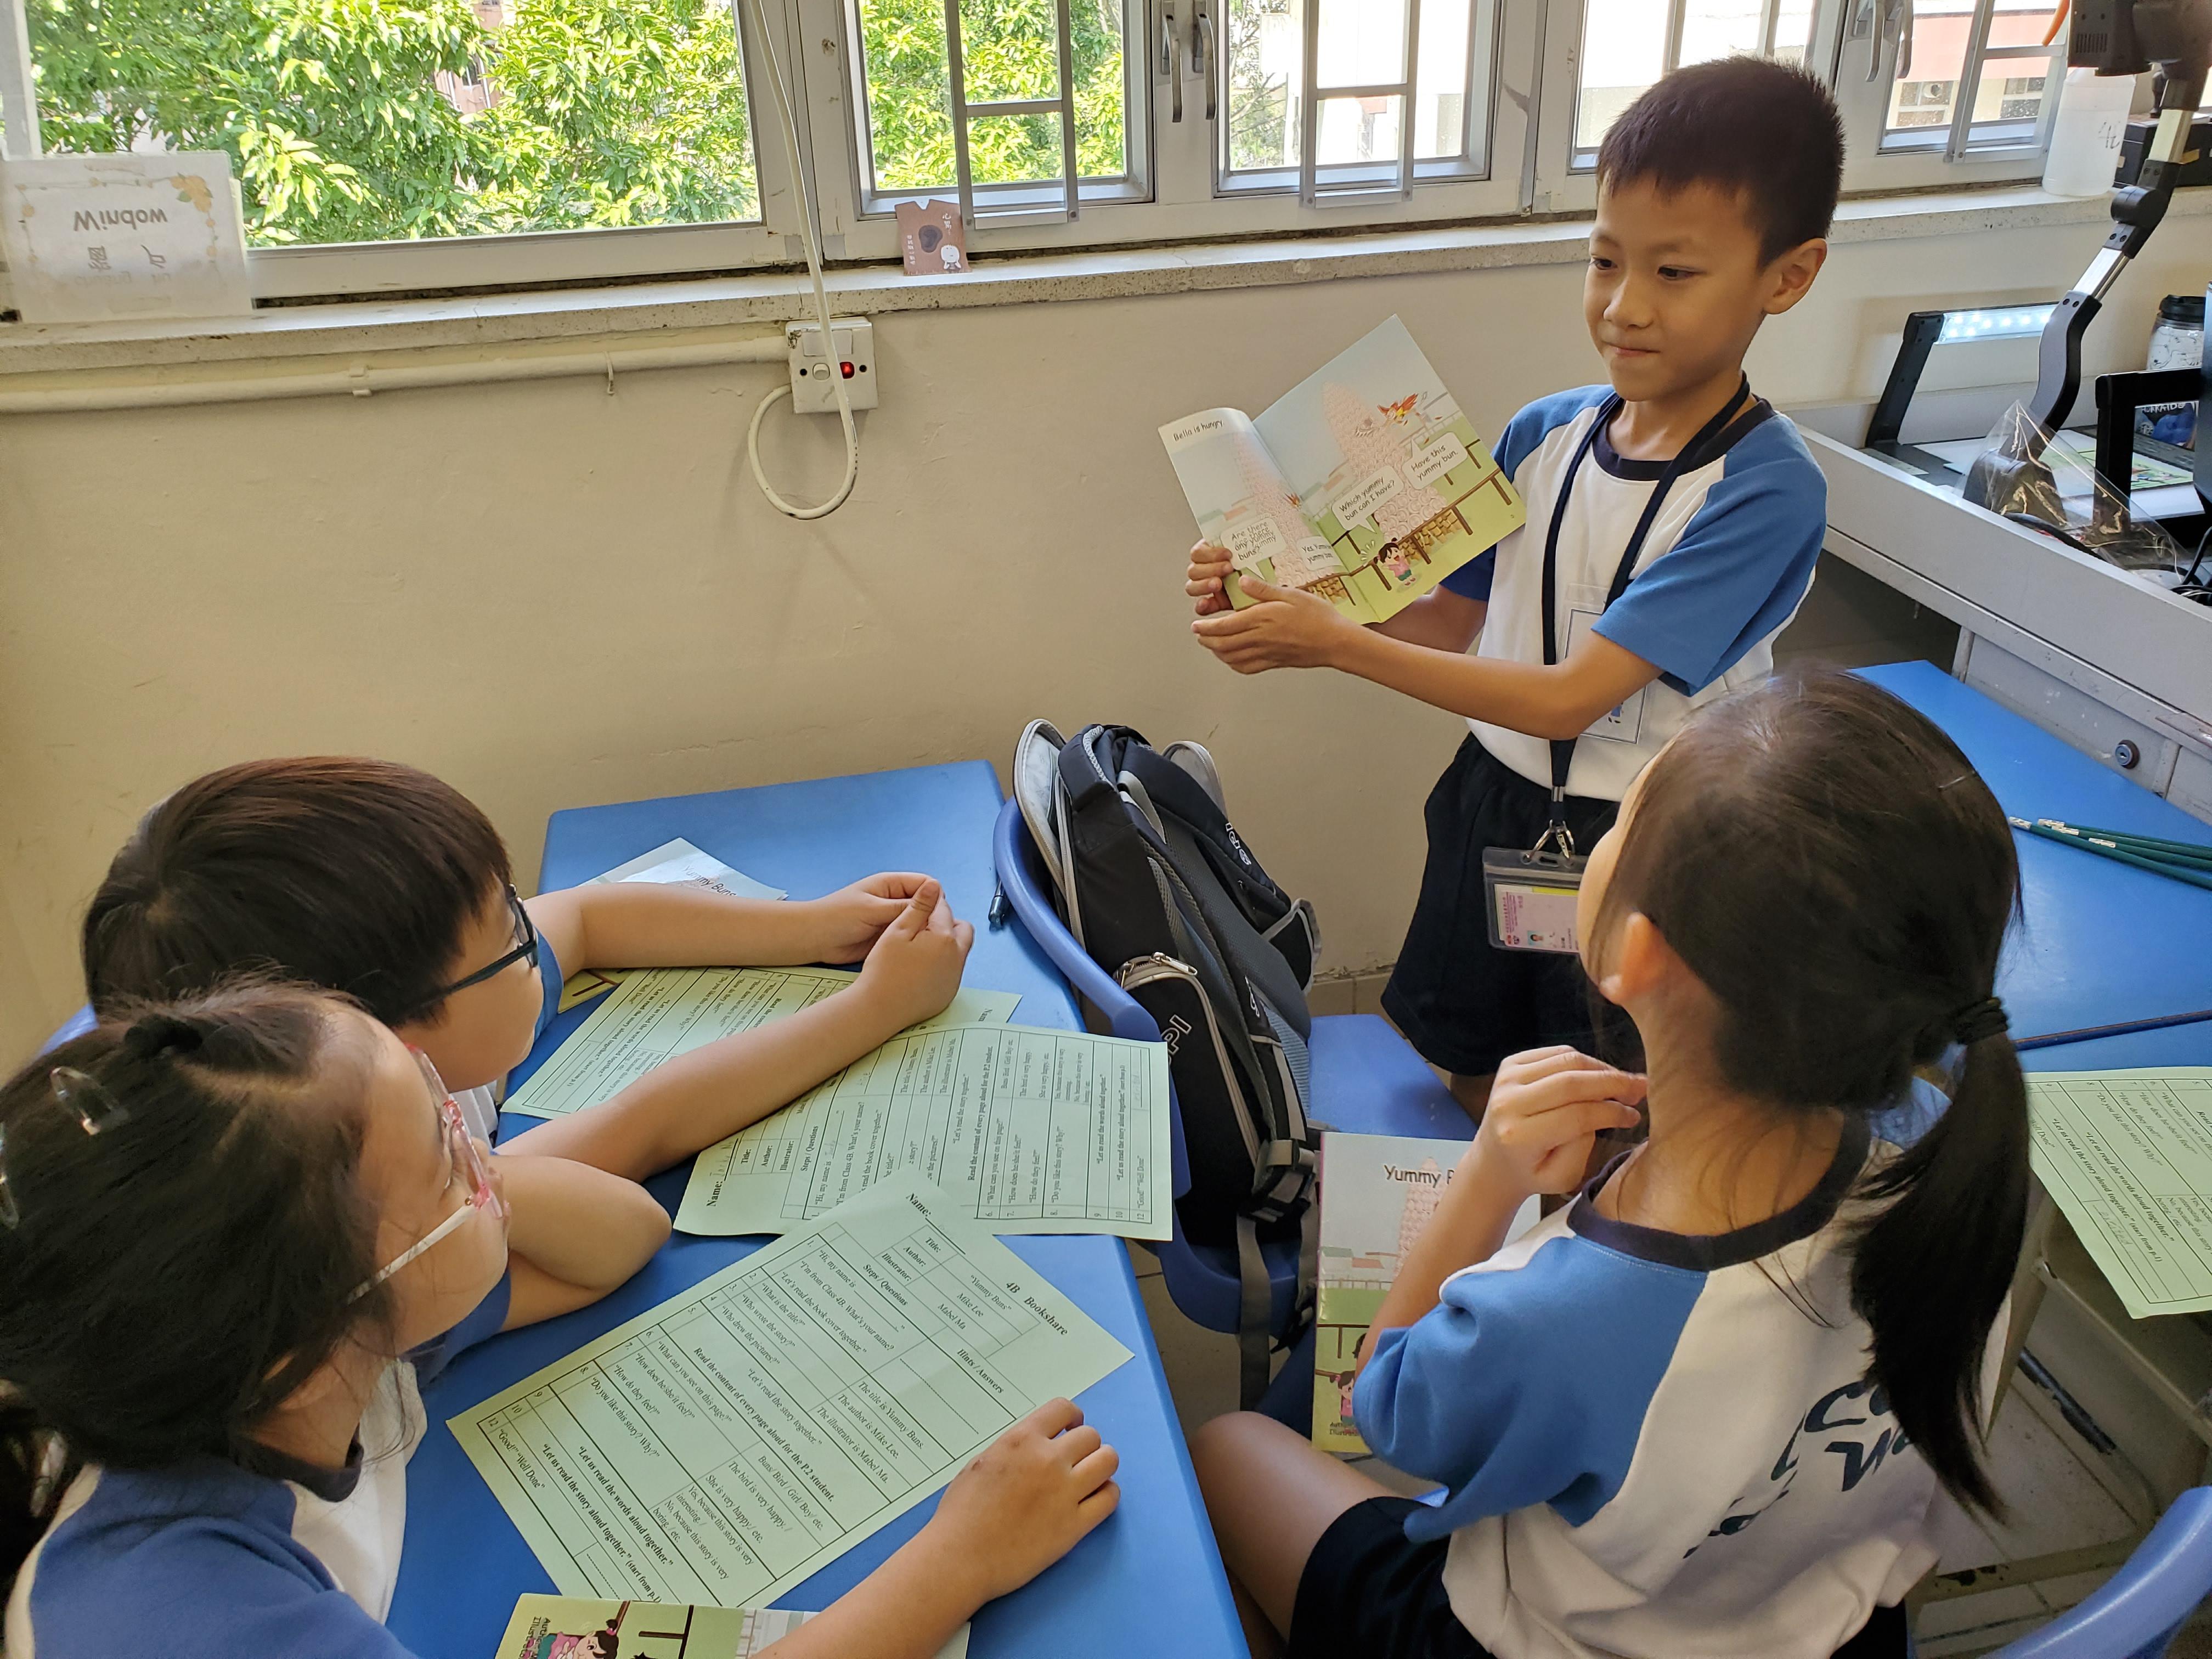 http://www.keiwan.edu.hk/sites/default/files/39_1.jpg